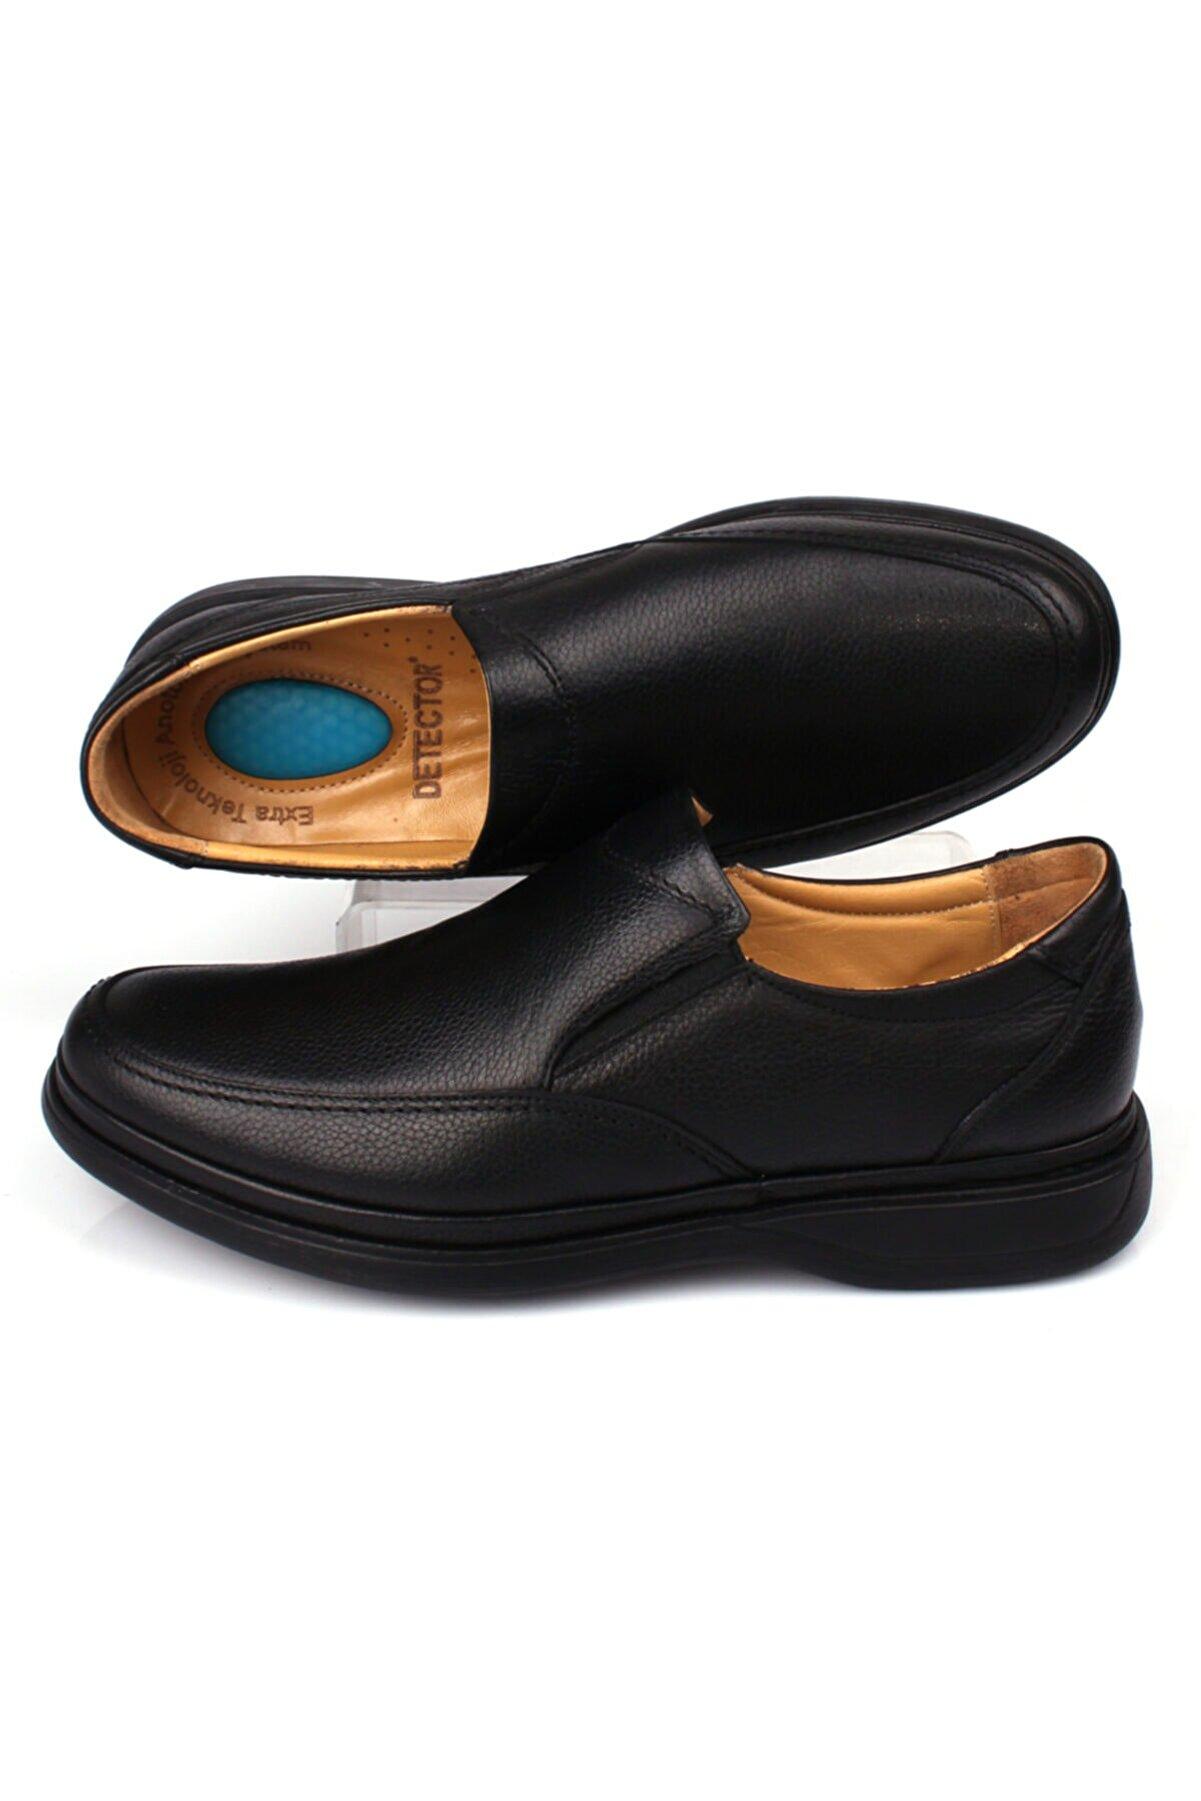 DETECTOR Erkek Siyah İç Dış Hakiki Deri Ful Ortopedik Jel Taban Günlük Ayakkabı